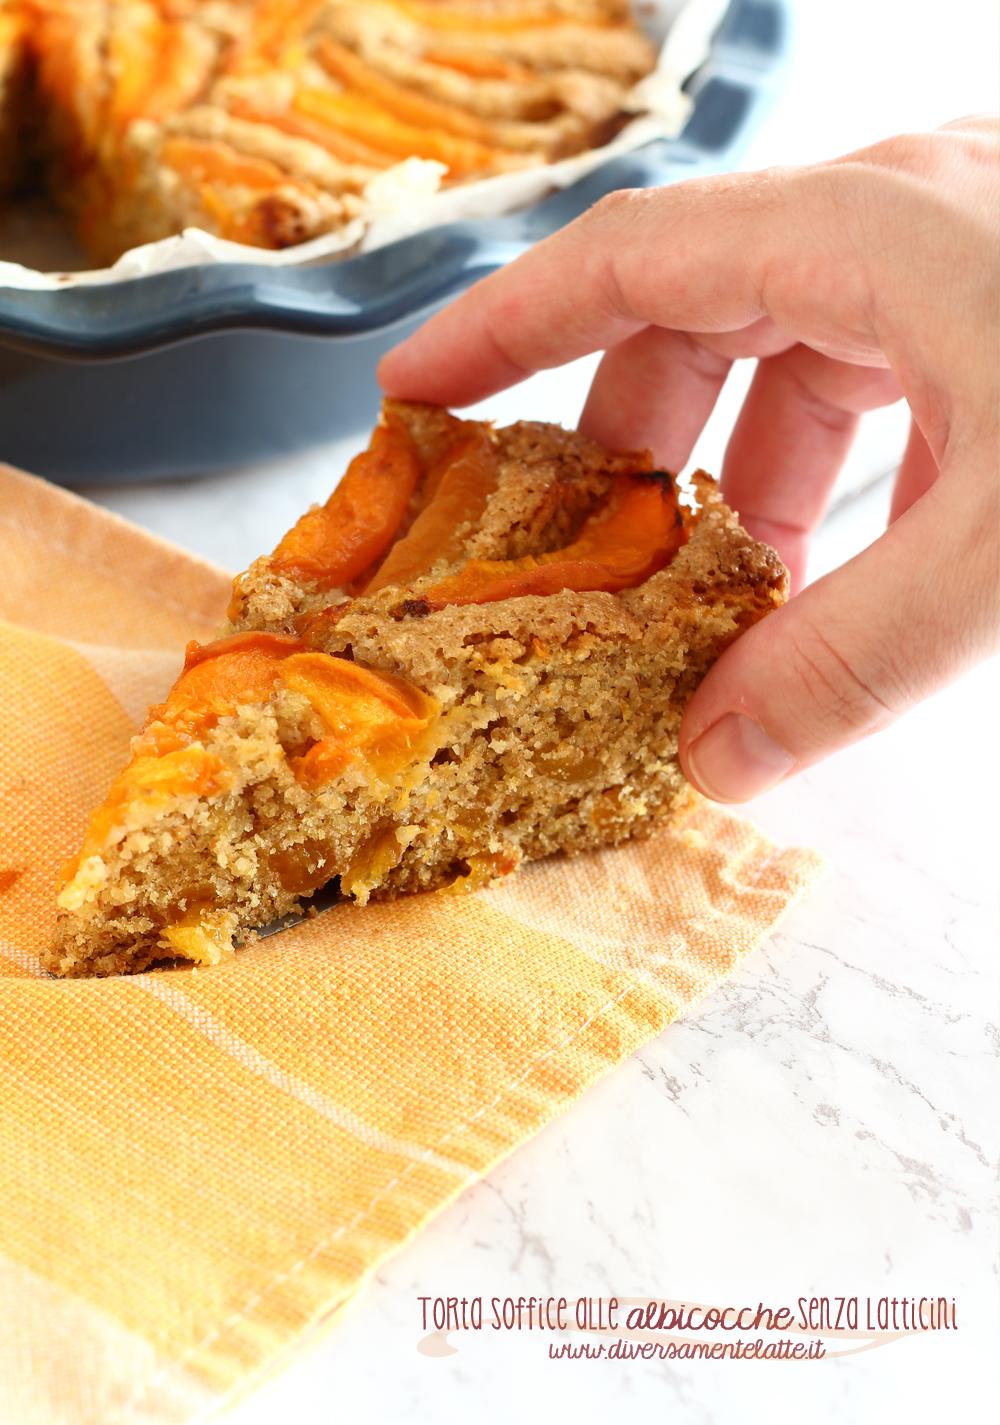 fetta di torta alle albicocche senza latticini